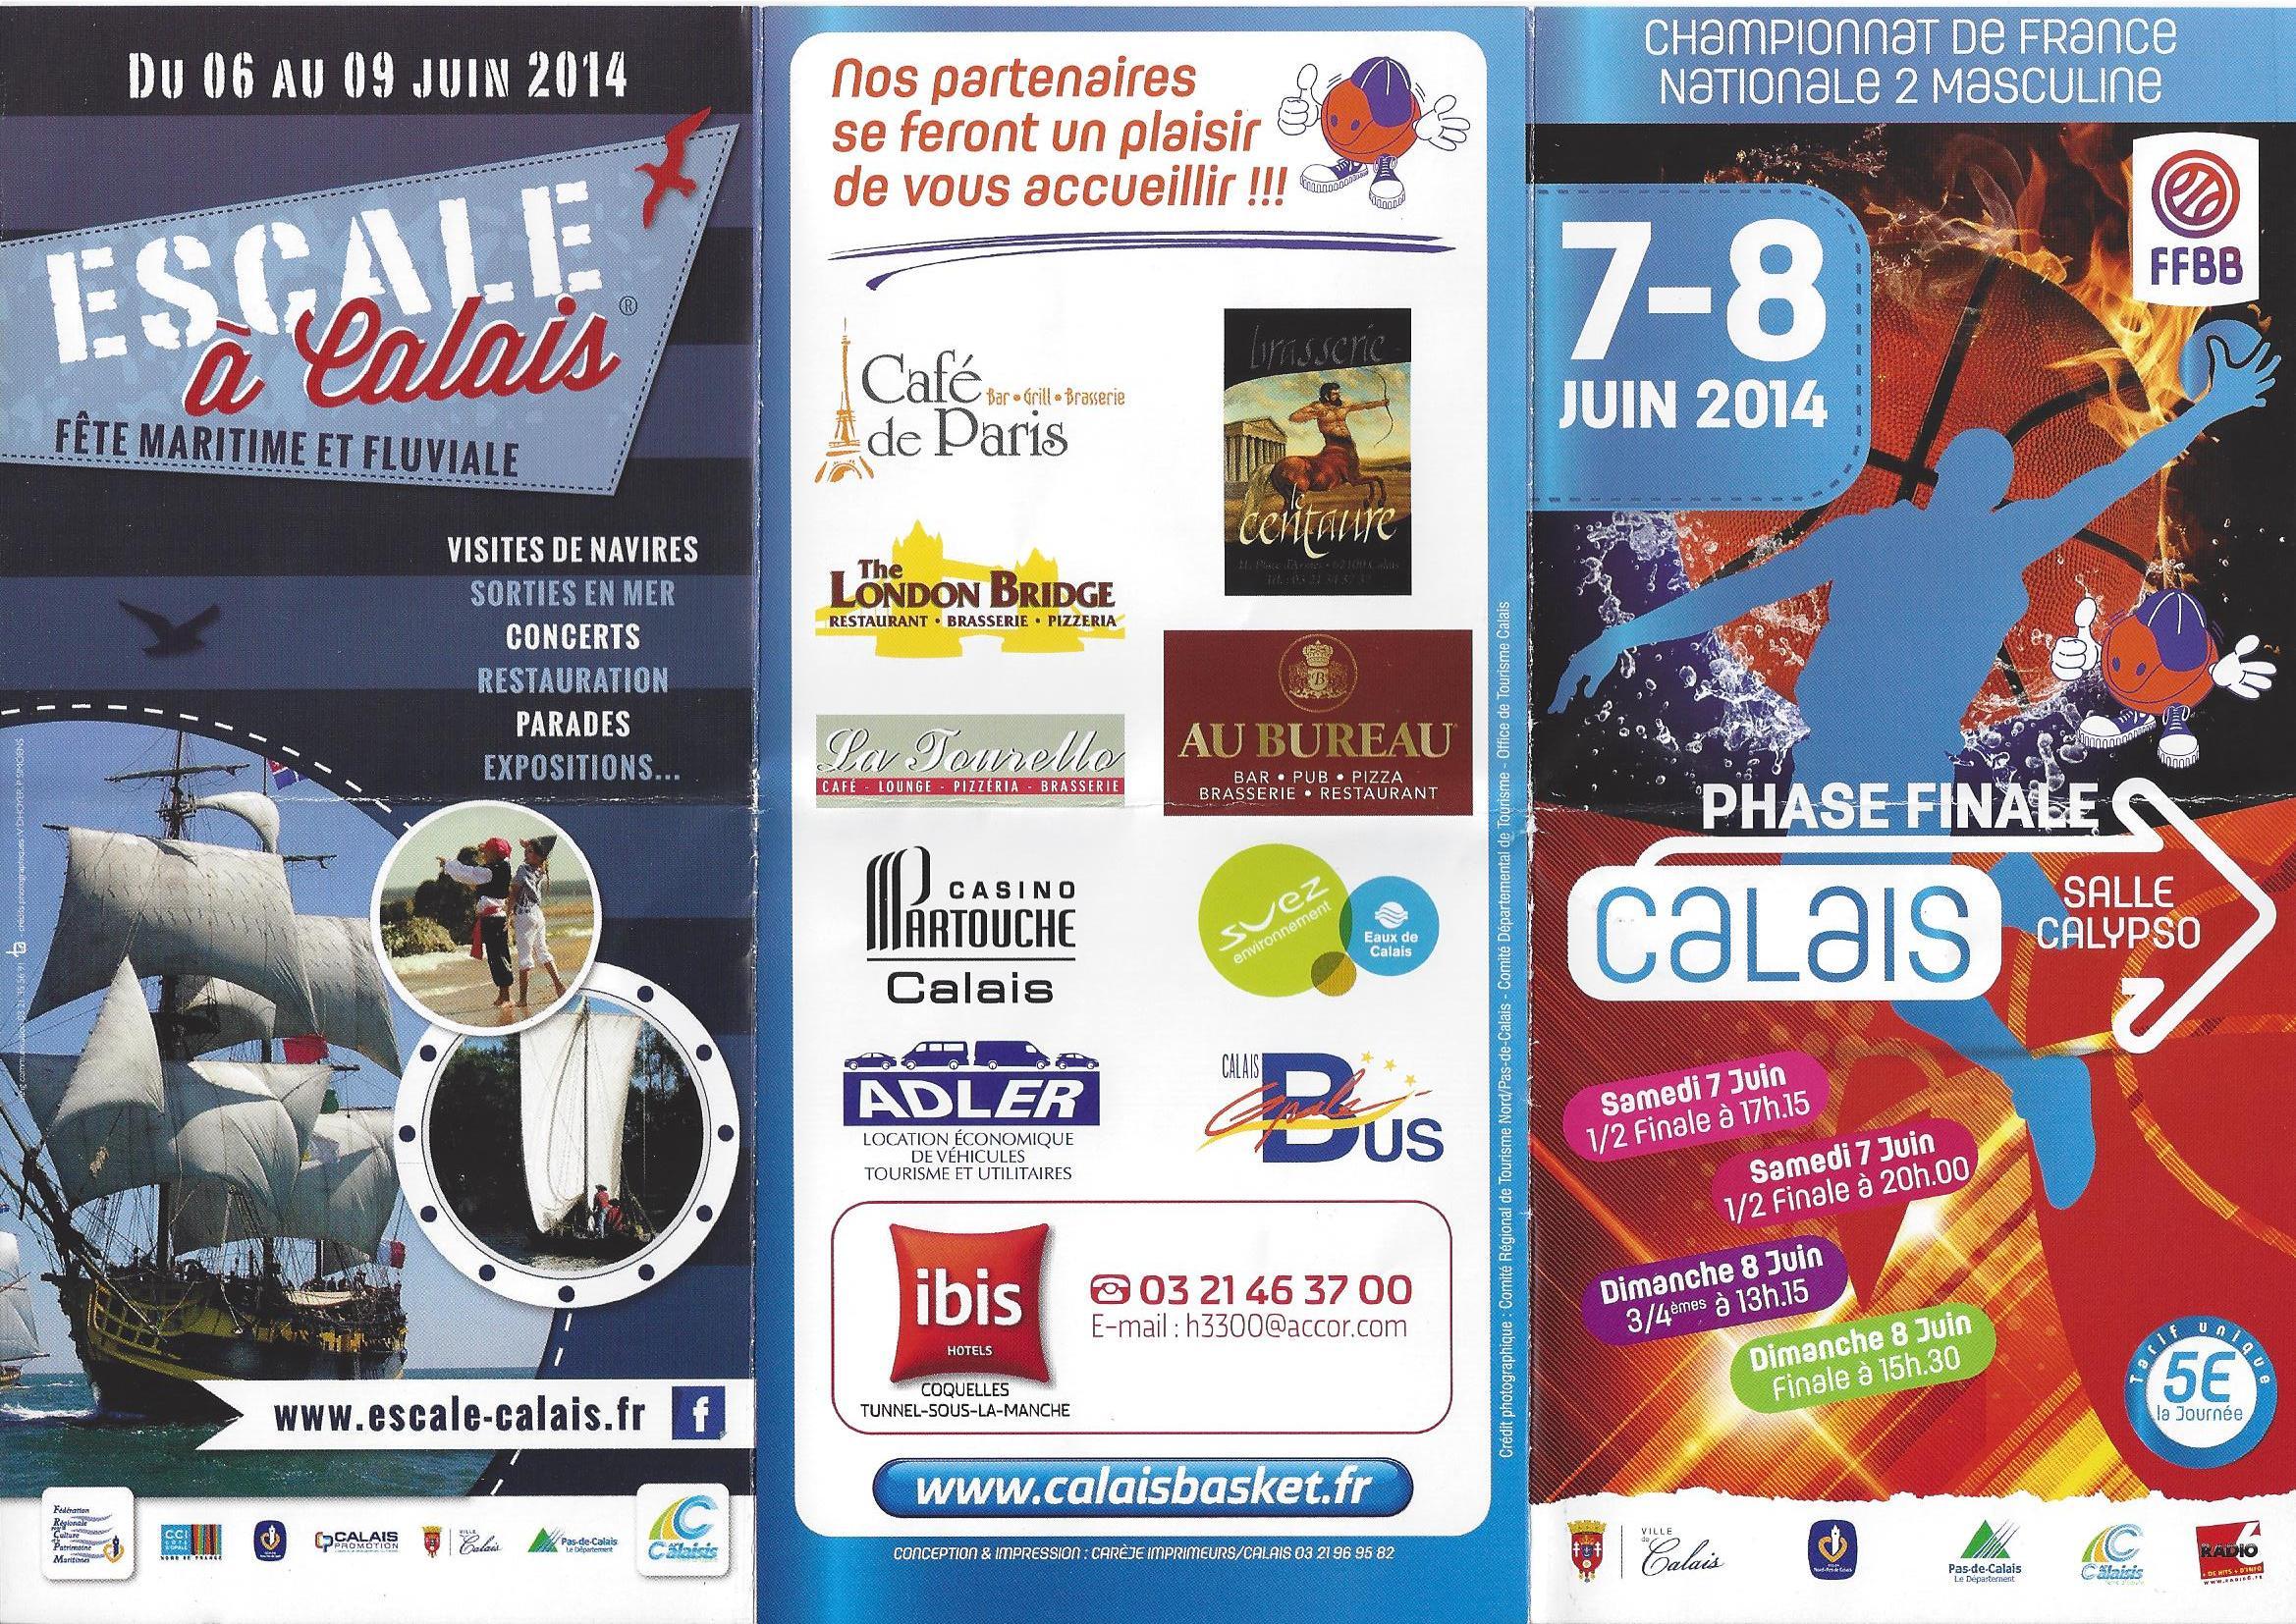 FINAL FOUR à CALAIS Calais-p1